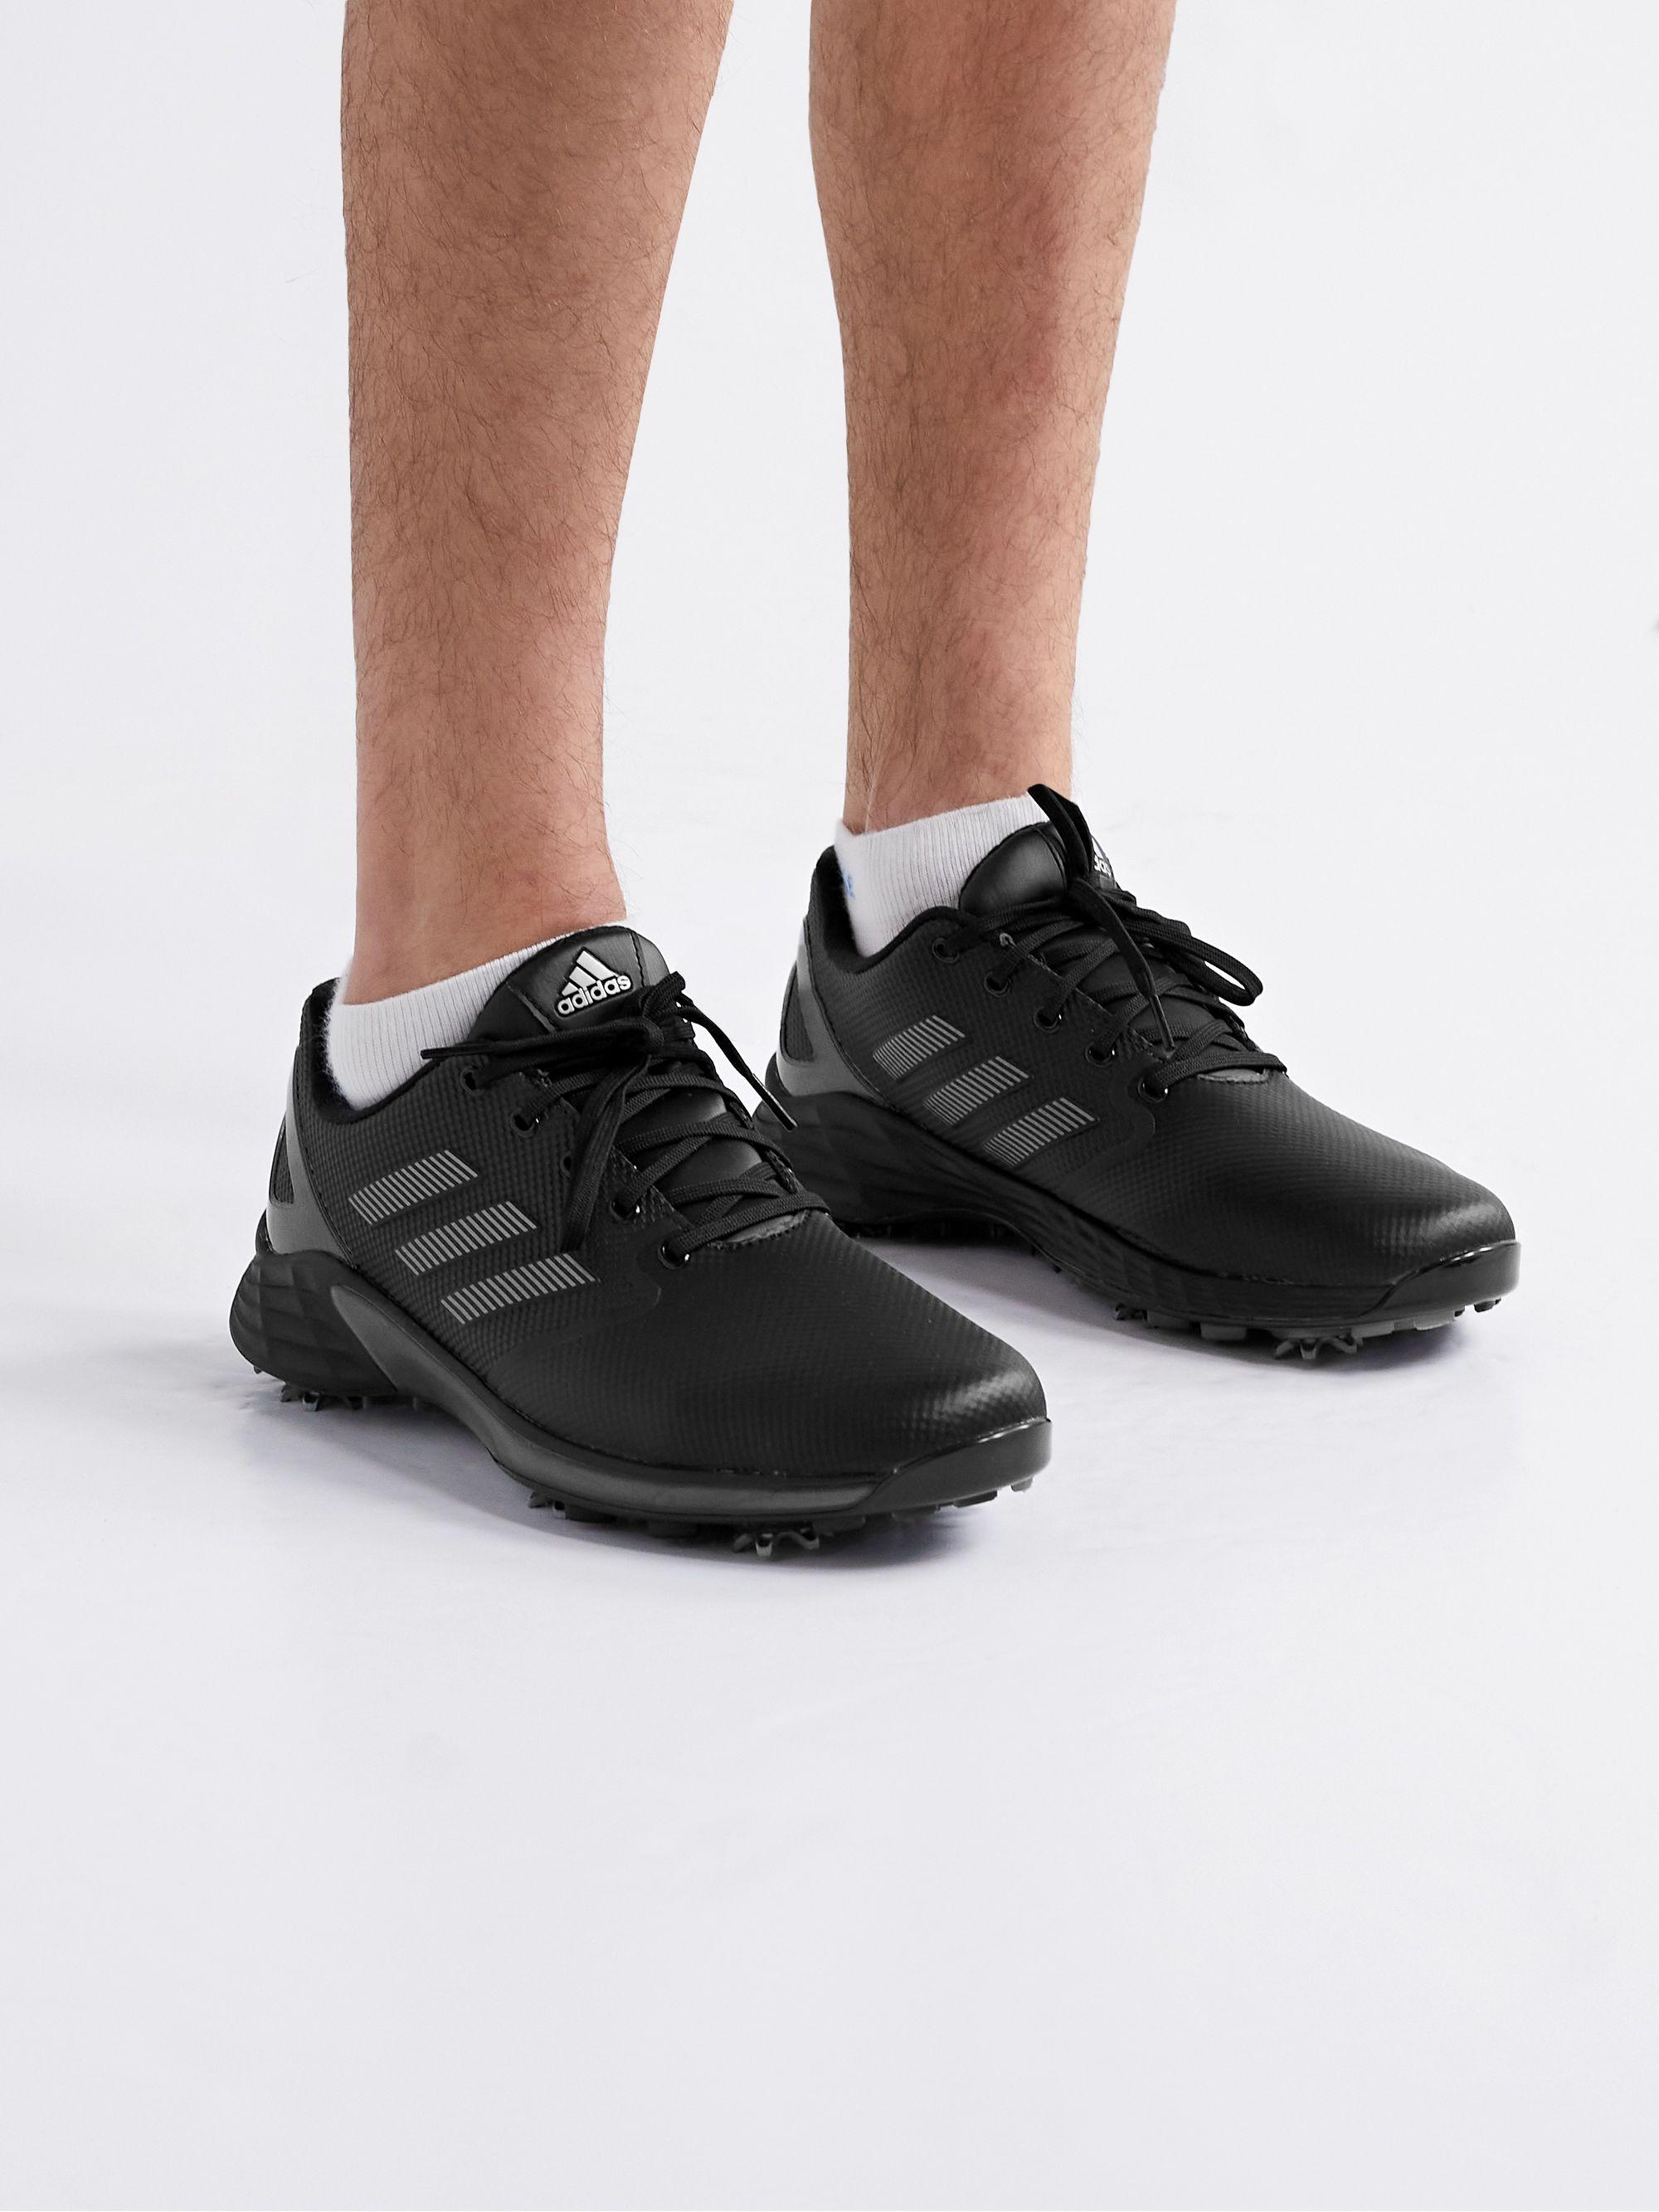 ZG21 Sprintskin Golf Shoes